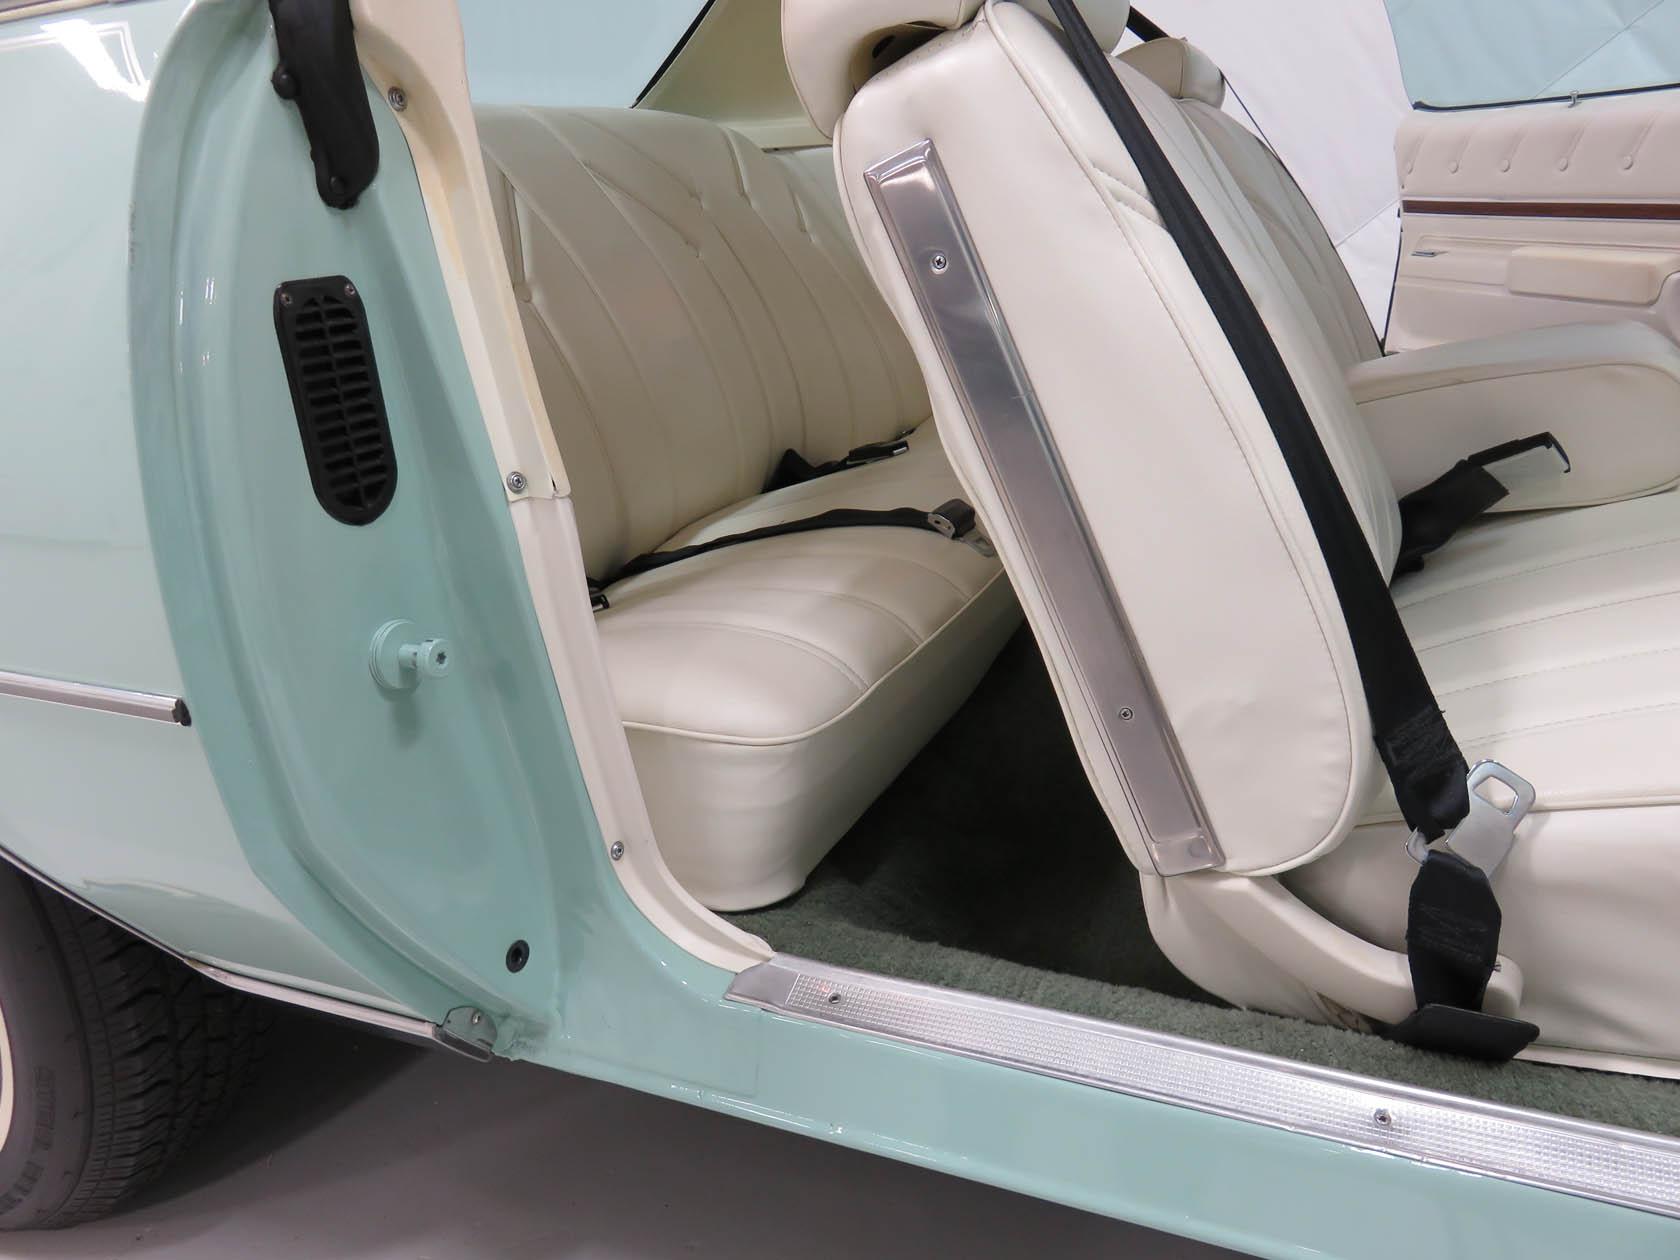 Michael Esposito - 1974 Oldsmobile Cutlasss Supreme 436